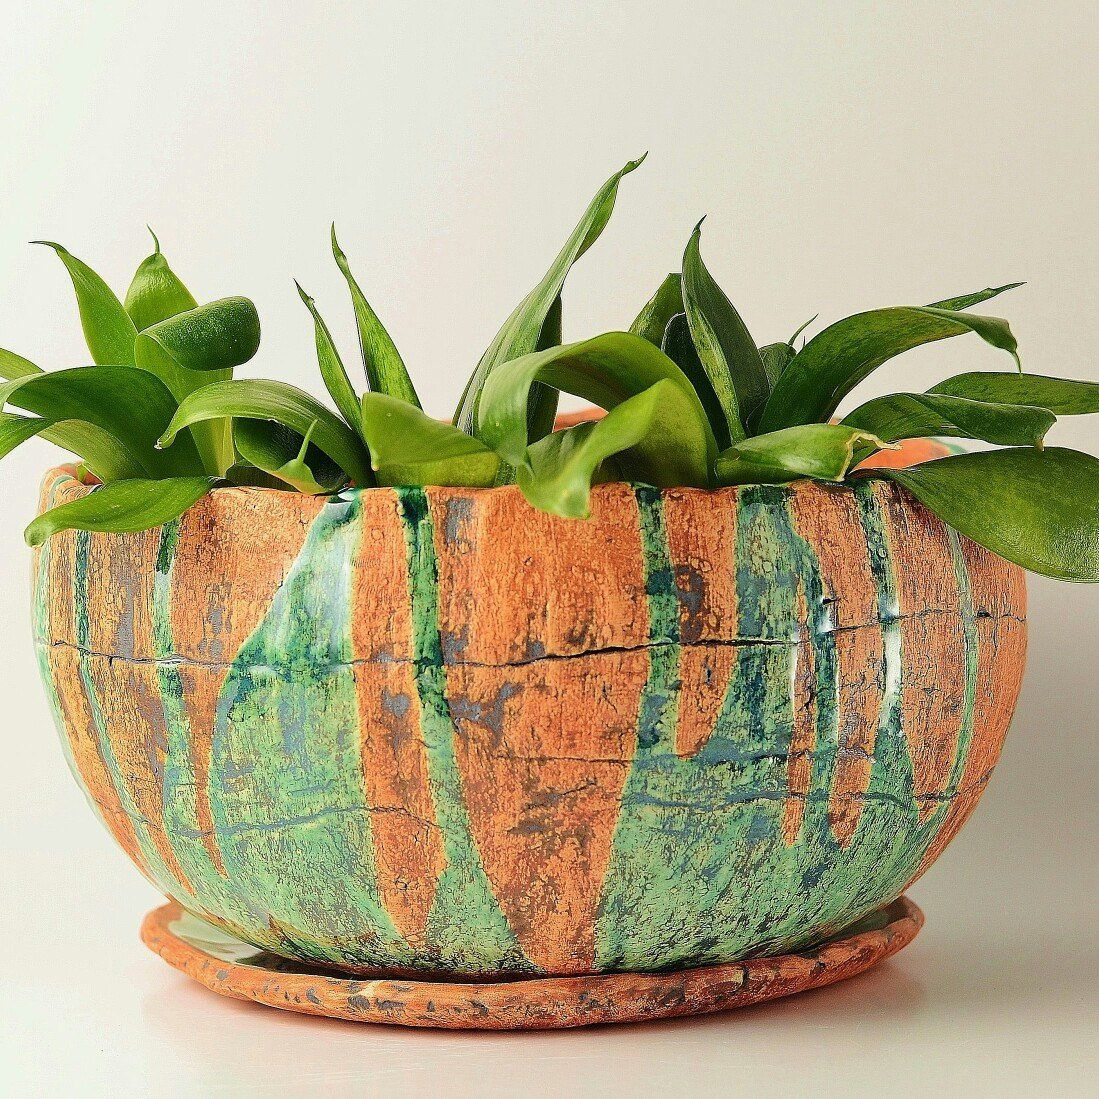 Rustic Large Ceramic Planter Pot 1 With Drainage And Saucer Etsy Ceramic Planter Pots Ceramic Flower Pots Planter Pots